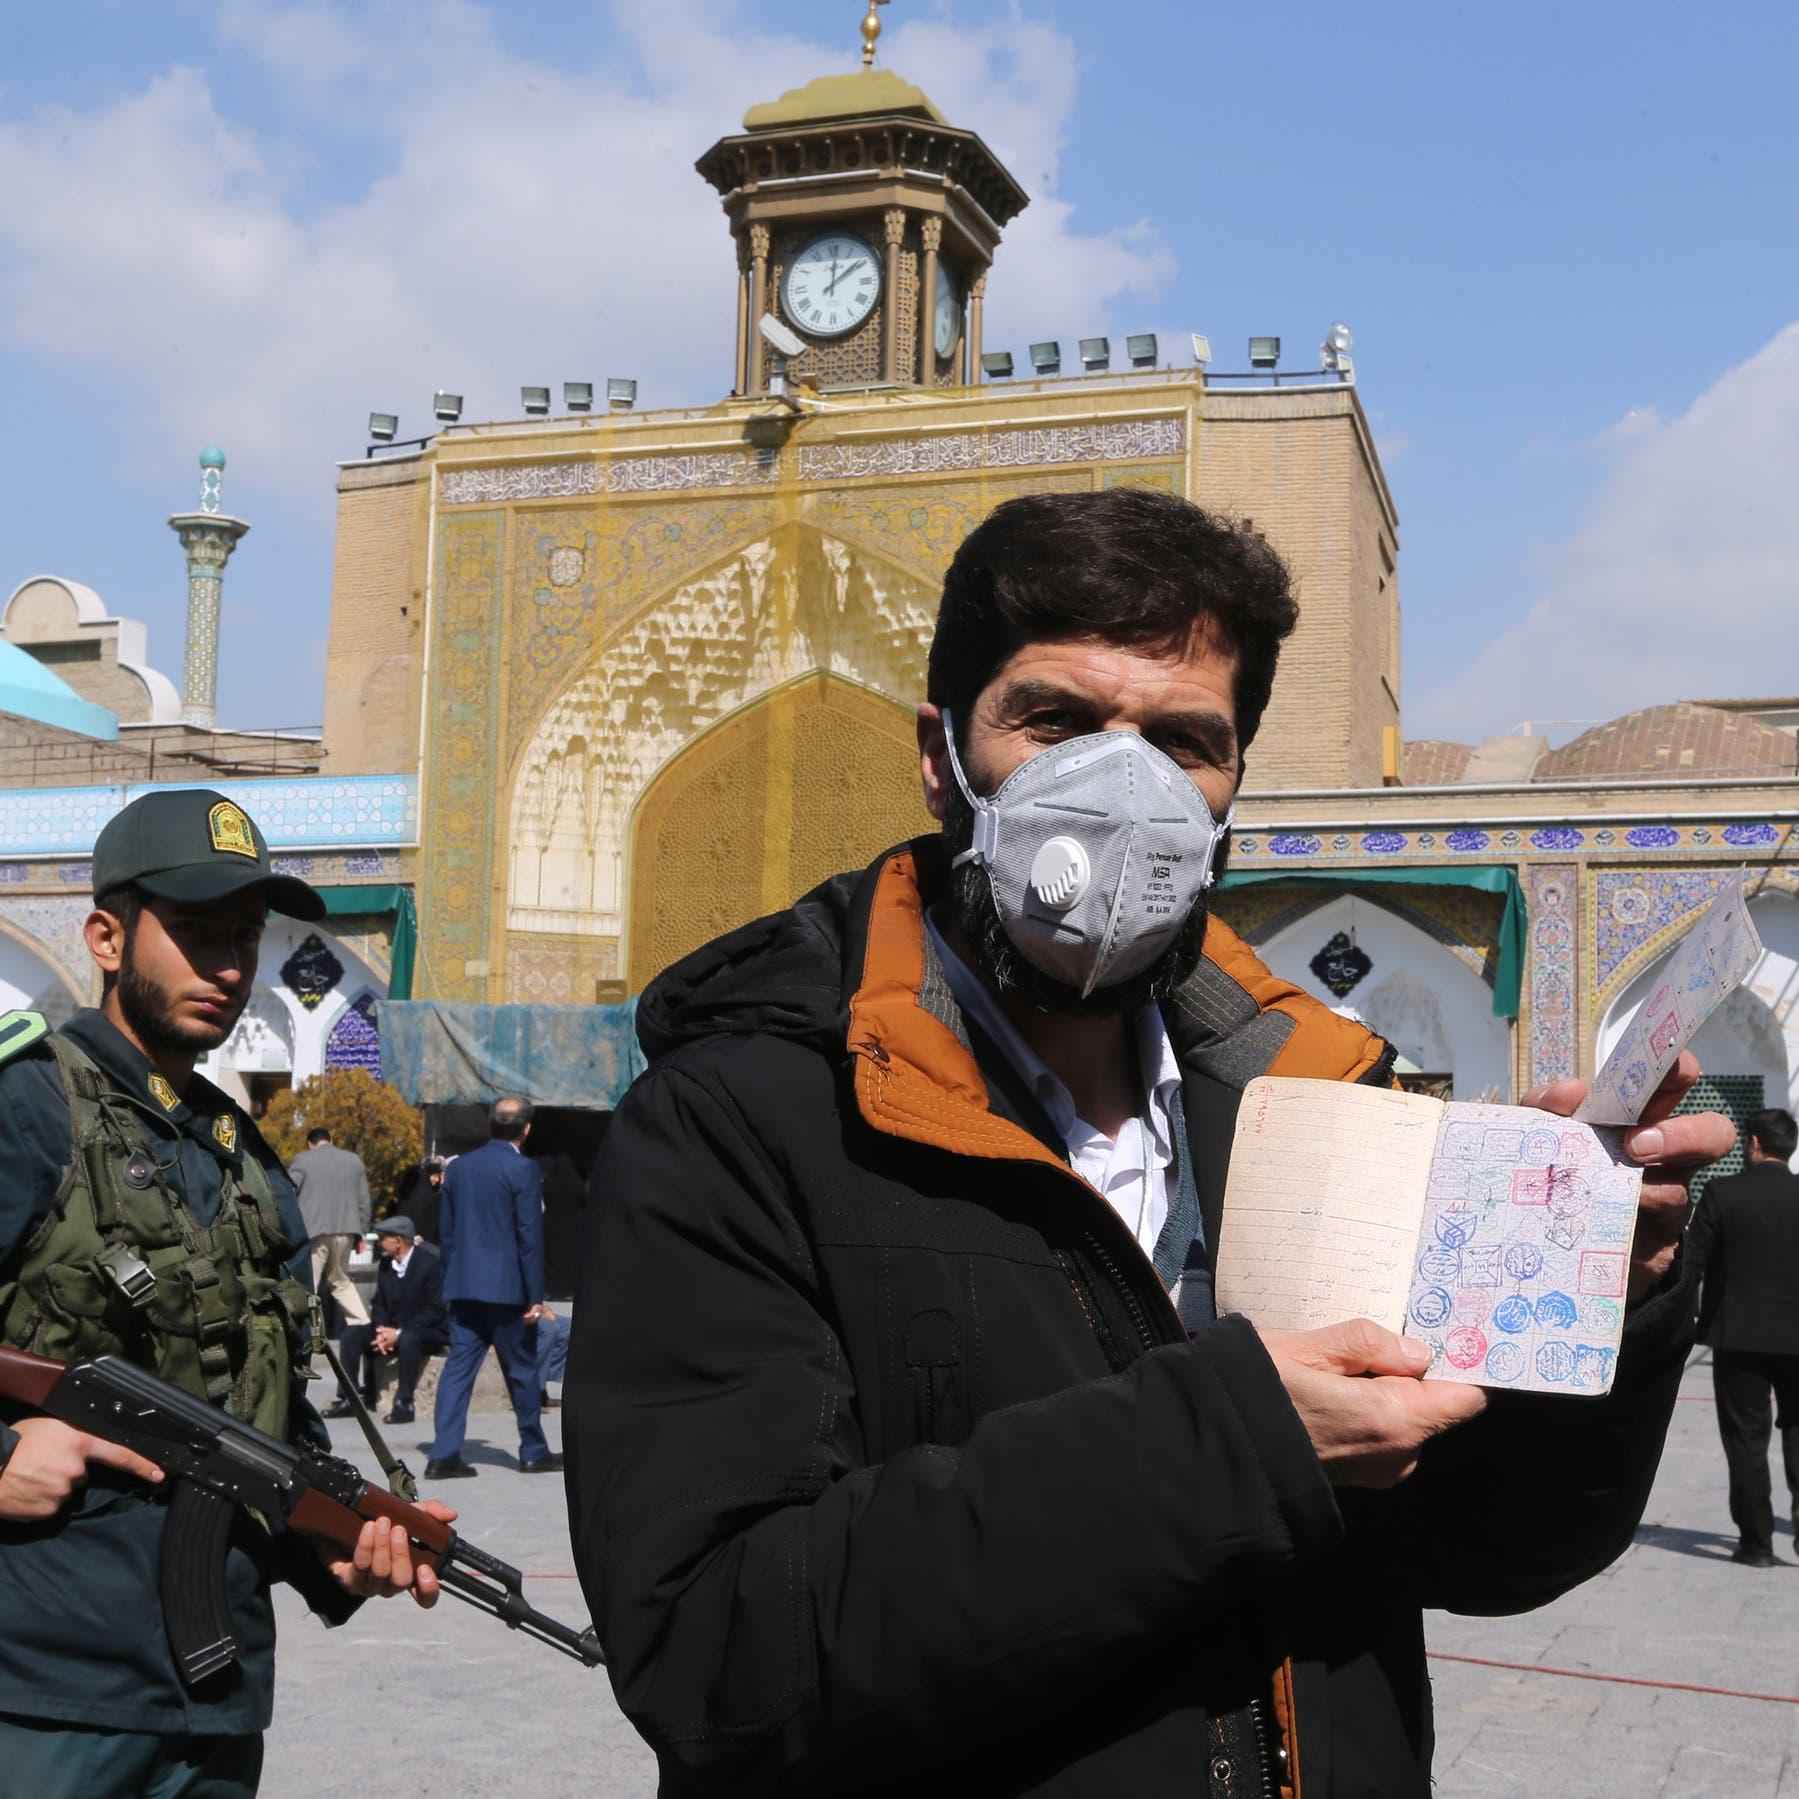 28 حالة في إيران.. ومسؤول رسمي أصيب ولم يصب بكورونا!